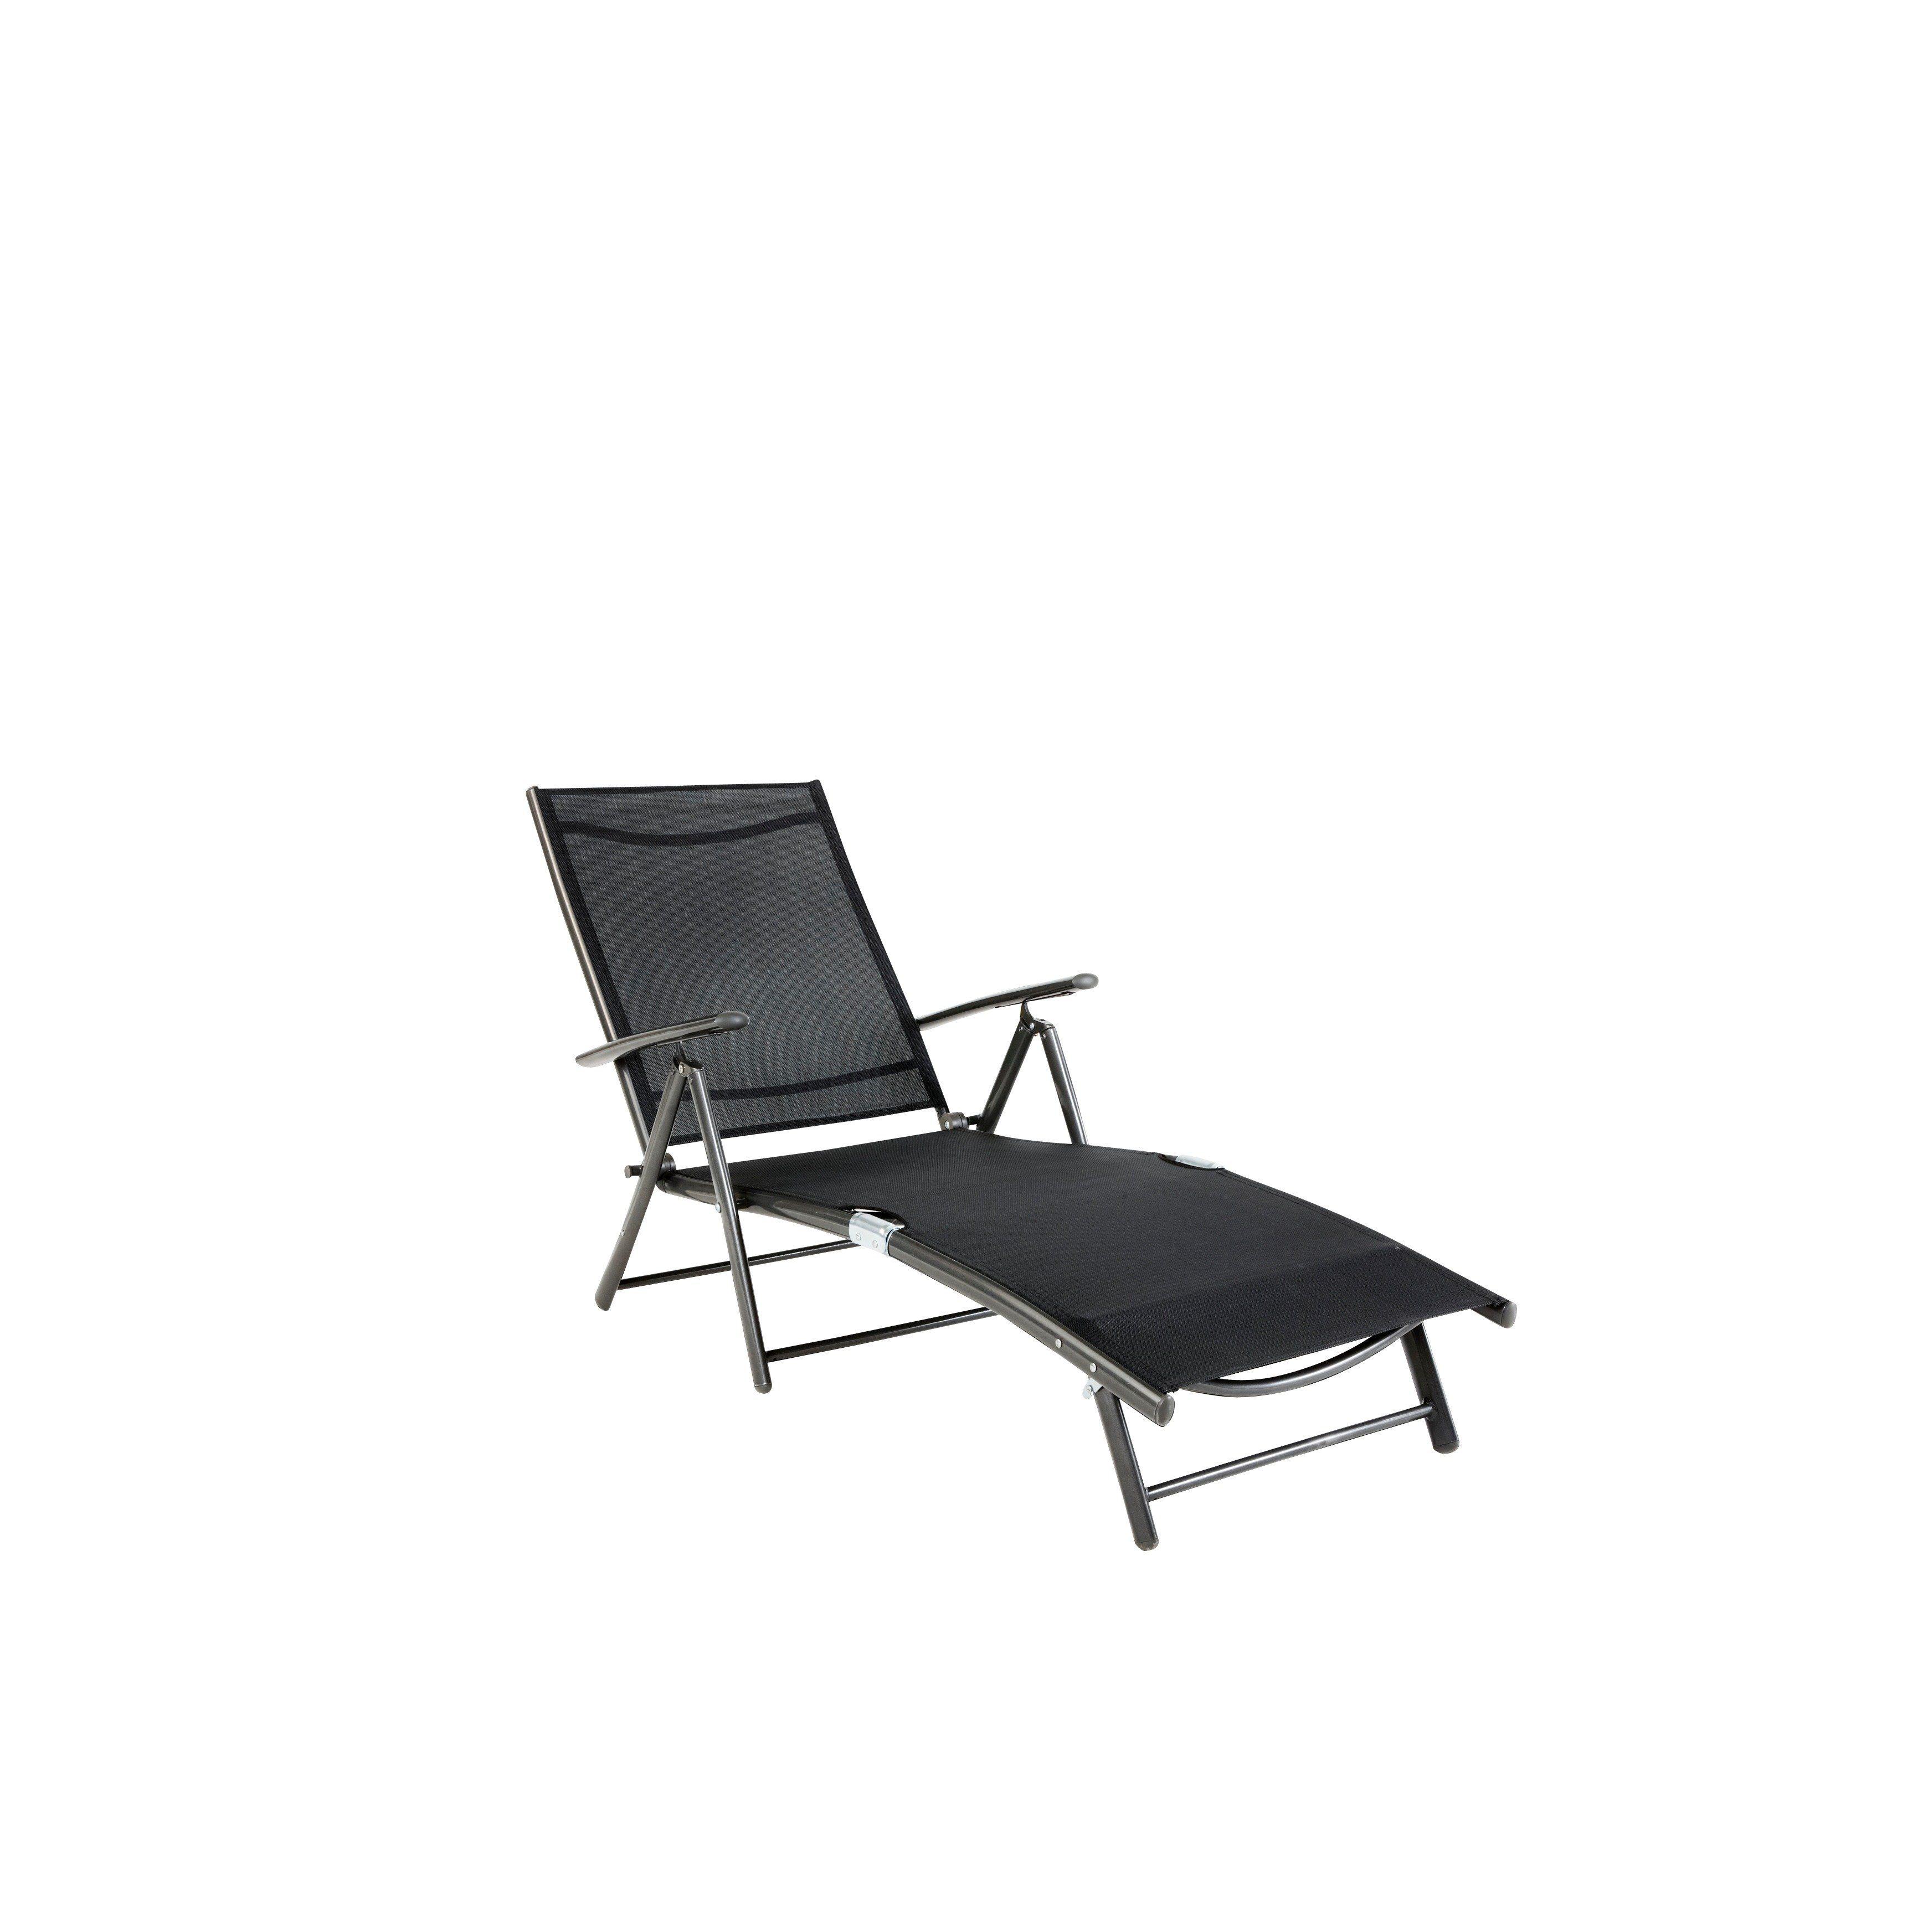 Gartenliege »Rügen«, Alu/Textil, schwarz